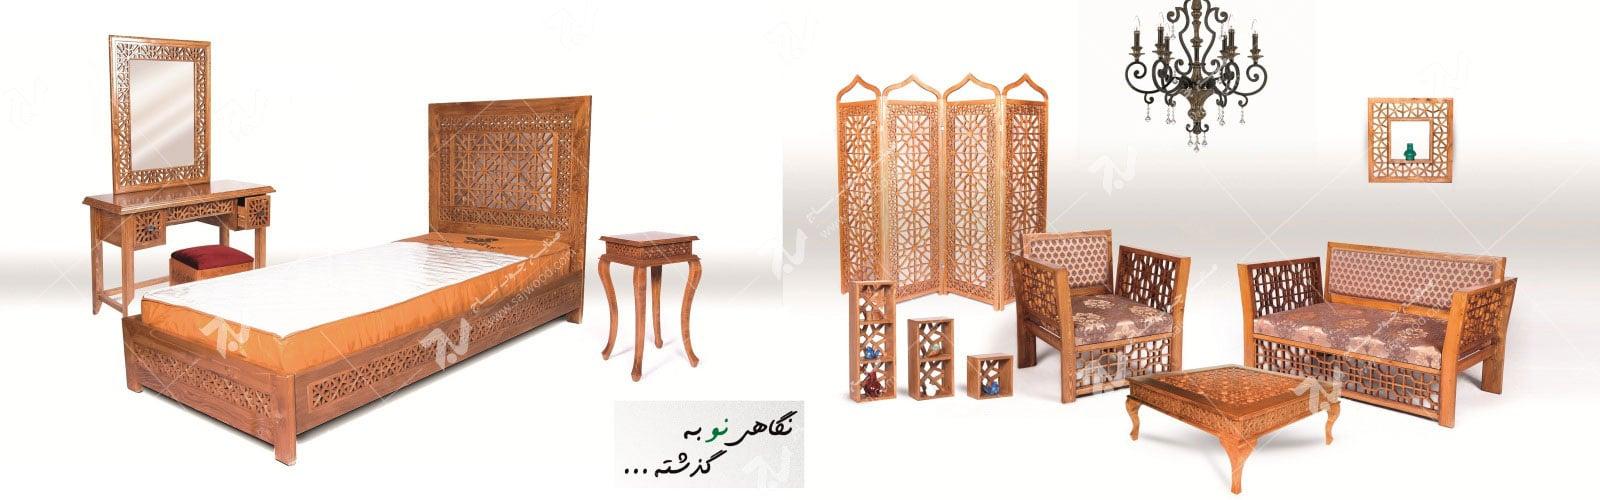 مبلمان سنتی چوبی و محصولات سنتی صنایع چوب ساج